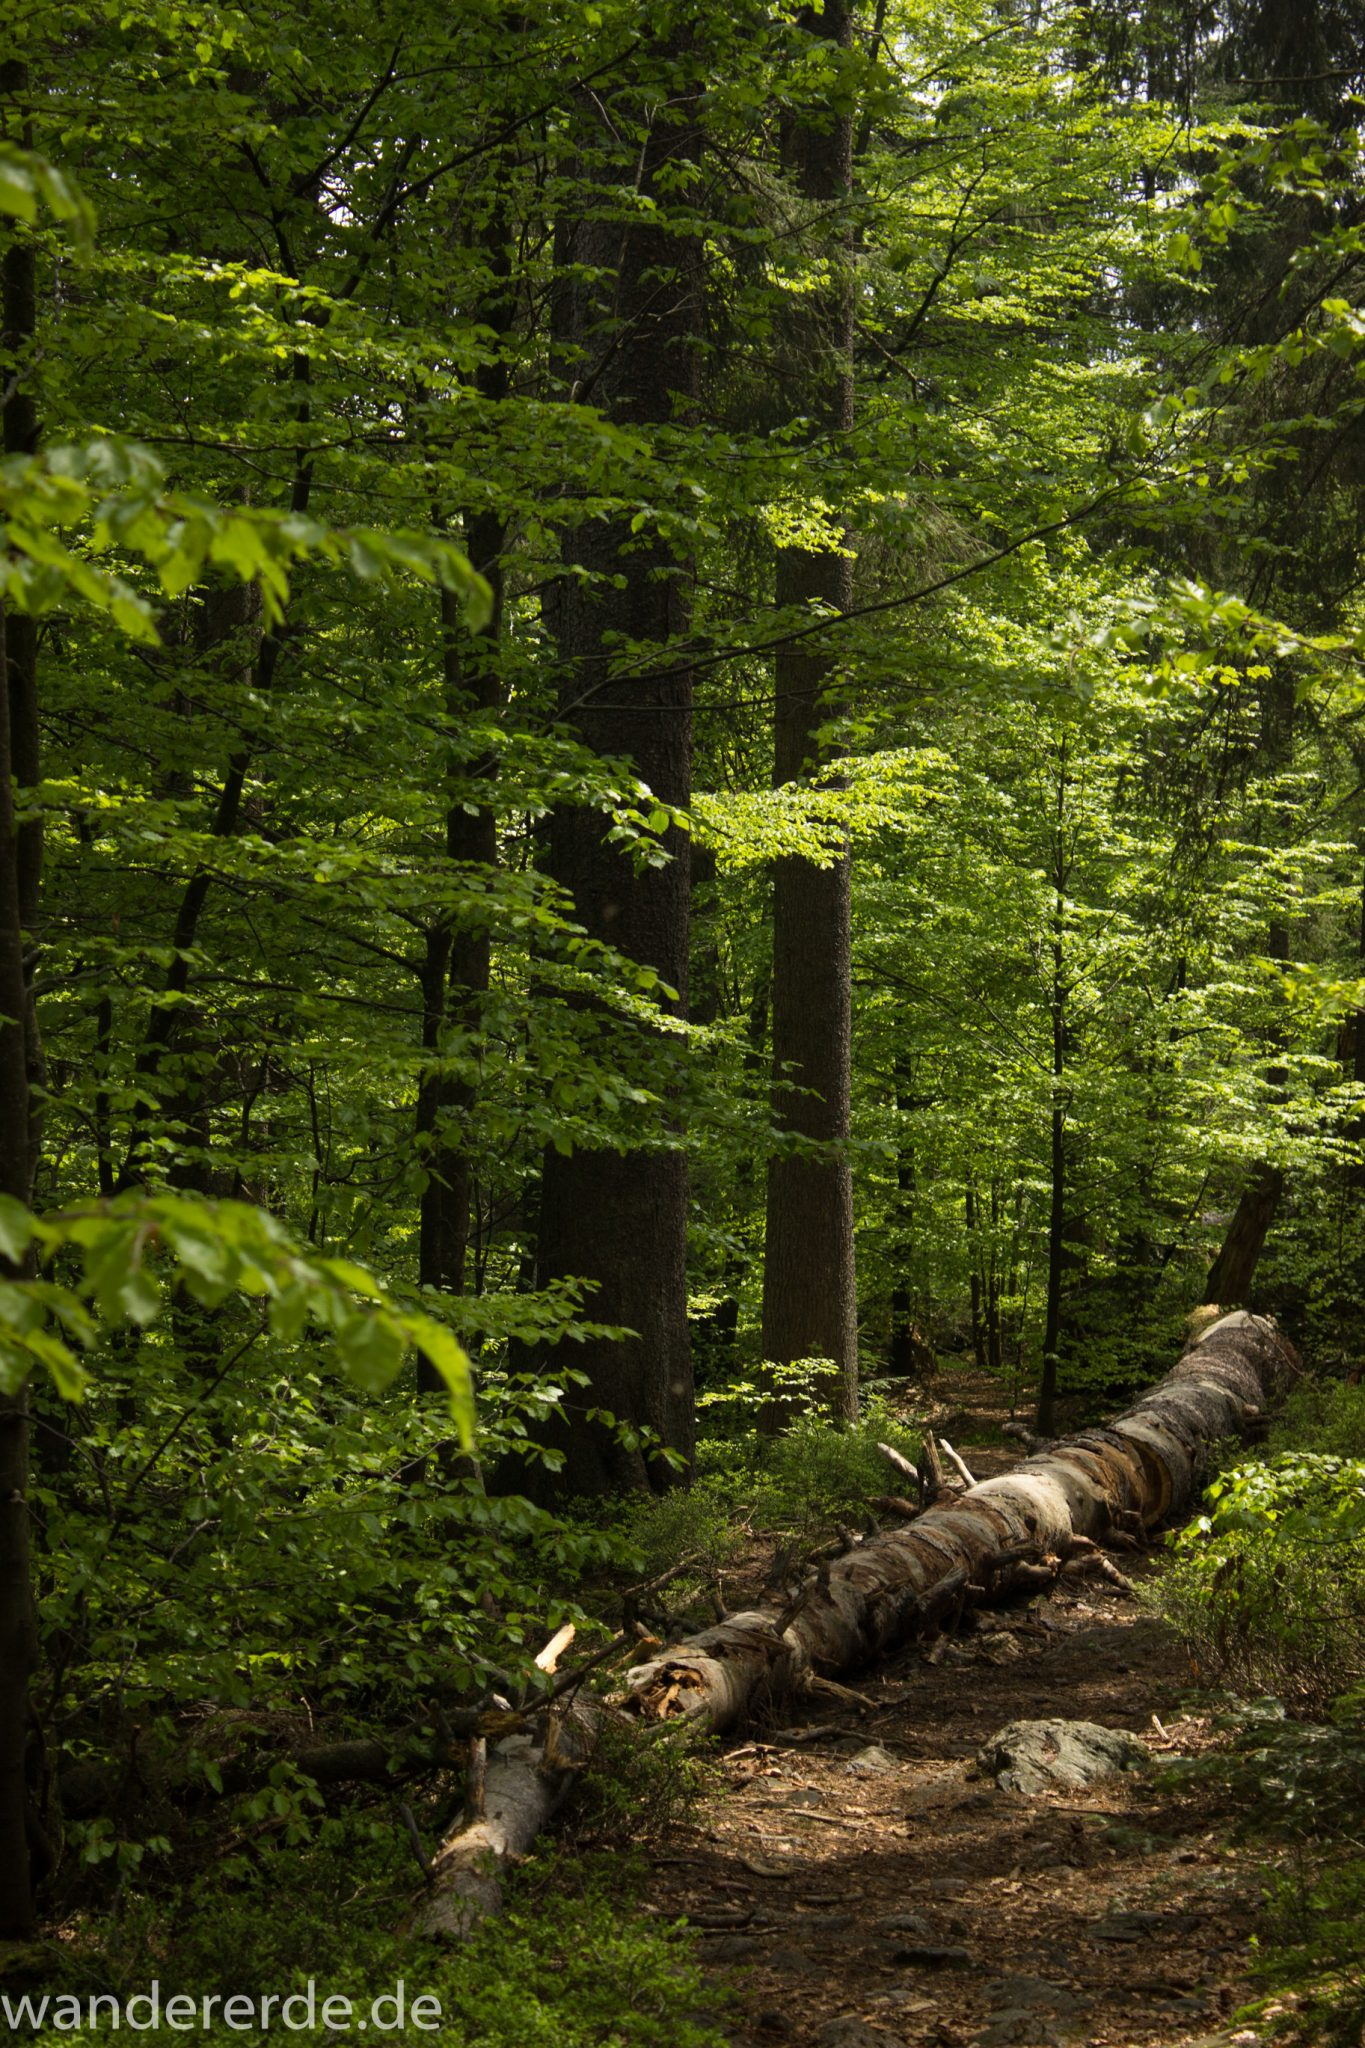 Rundwanderung zum Großen Falkenstein im Bayerischen Wald mit Start beim Zwieslerwaldhaus, auf dem Wanderweg Heidelbeere mit traumhaft schönem und dichtem Wald, toller naturbelassener und schmaler Wanderweg mit kühlendem Schatten, umgefallene Bäume werden liegen gelassen, Frühjahr im bayerischen Wald